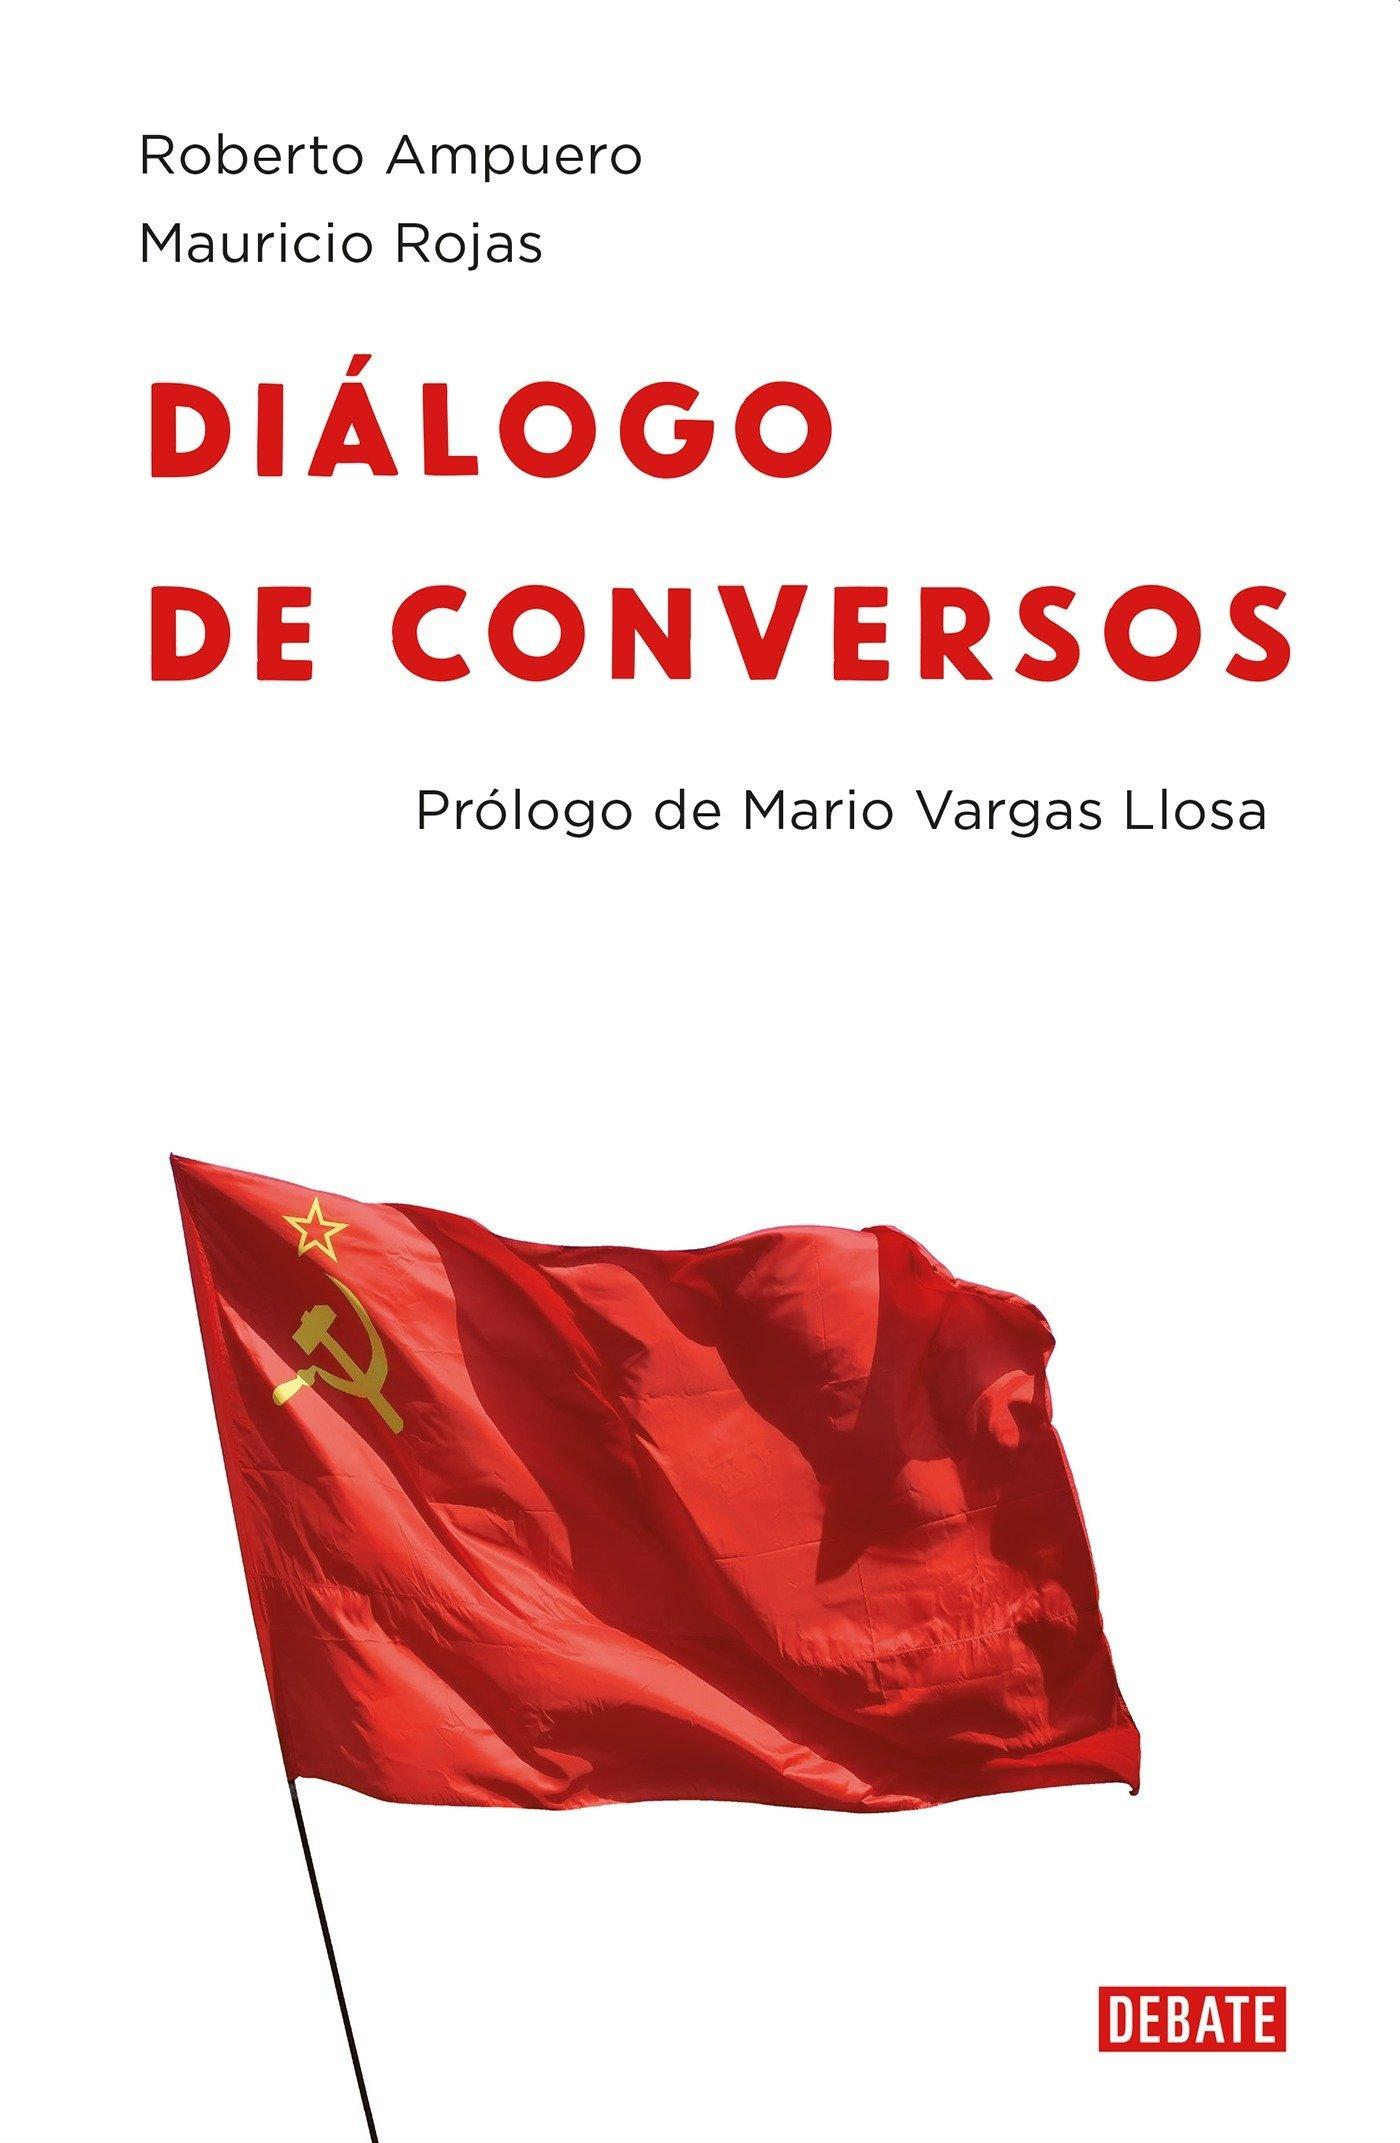 Diálogo de conversos (Spanish Edition): Roberto Ampuero, Mauricio Rojas: 9786073148221: Amazon.com: Books